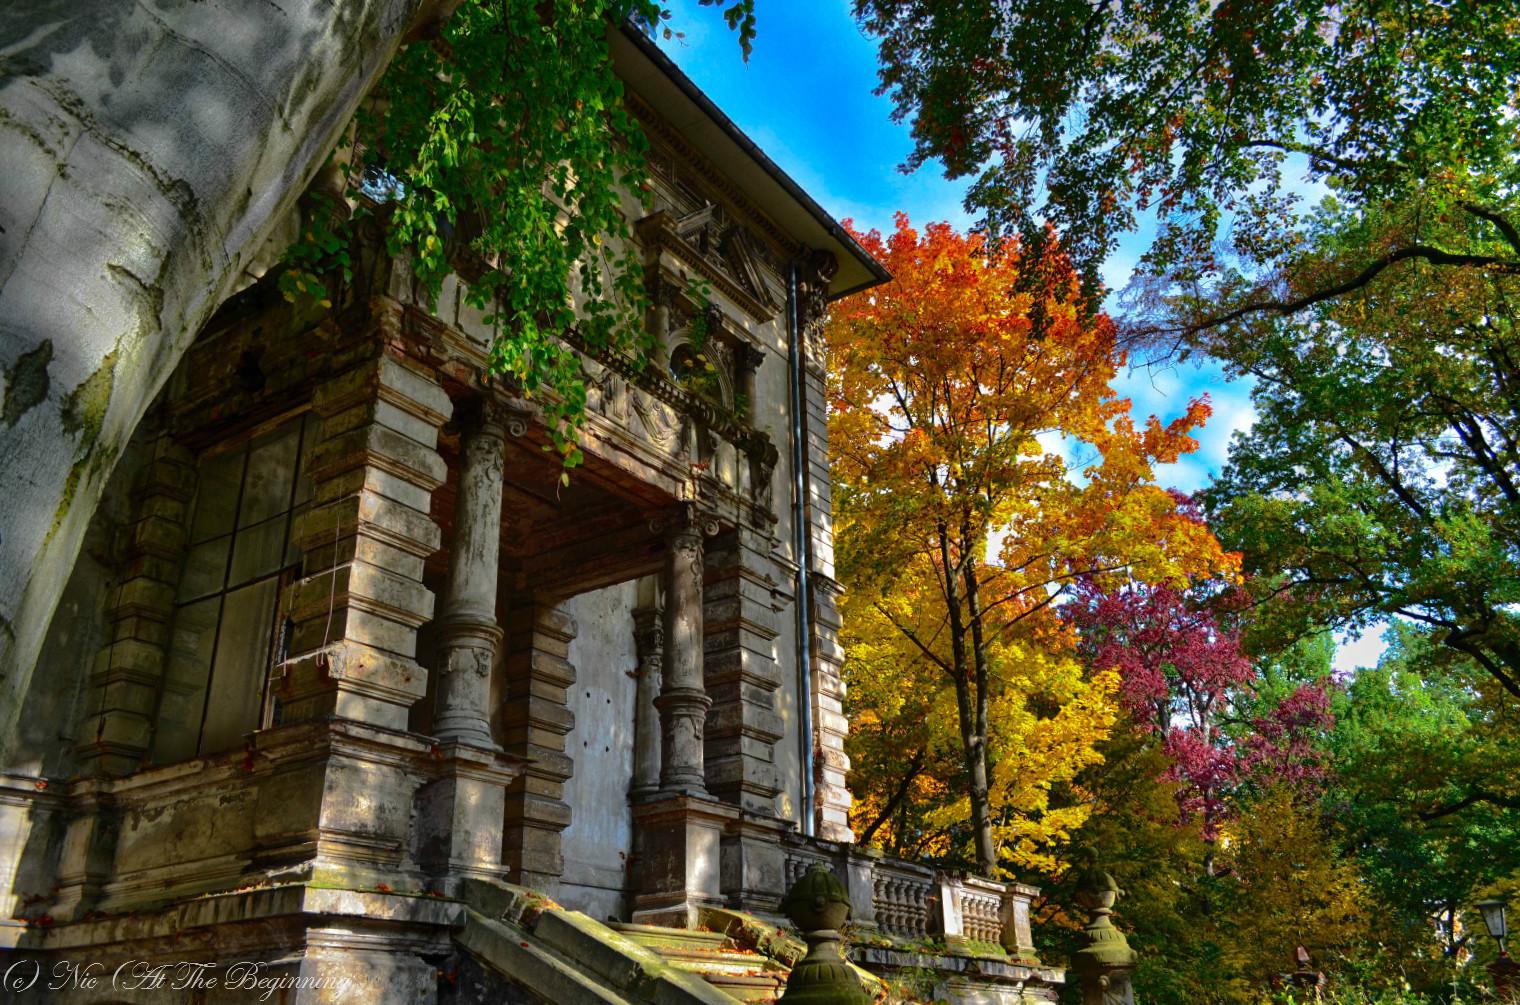 Villa im Herbst